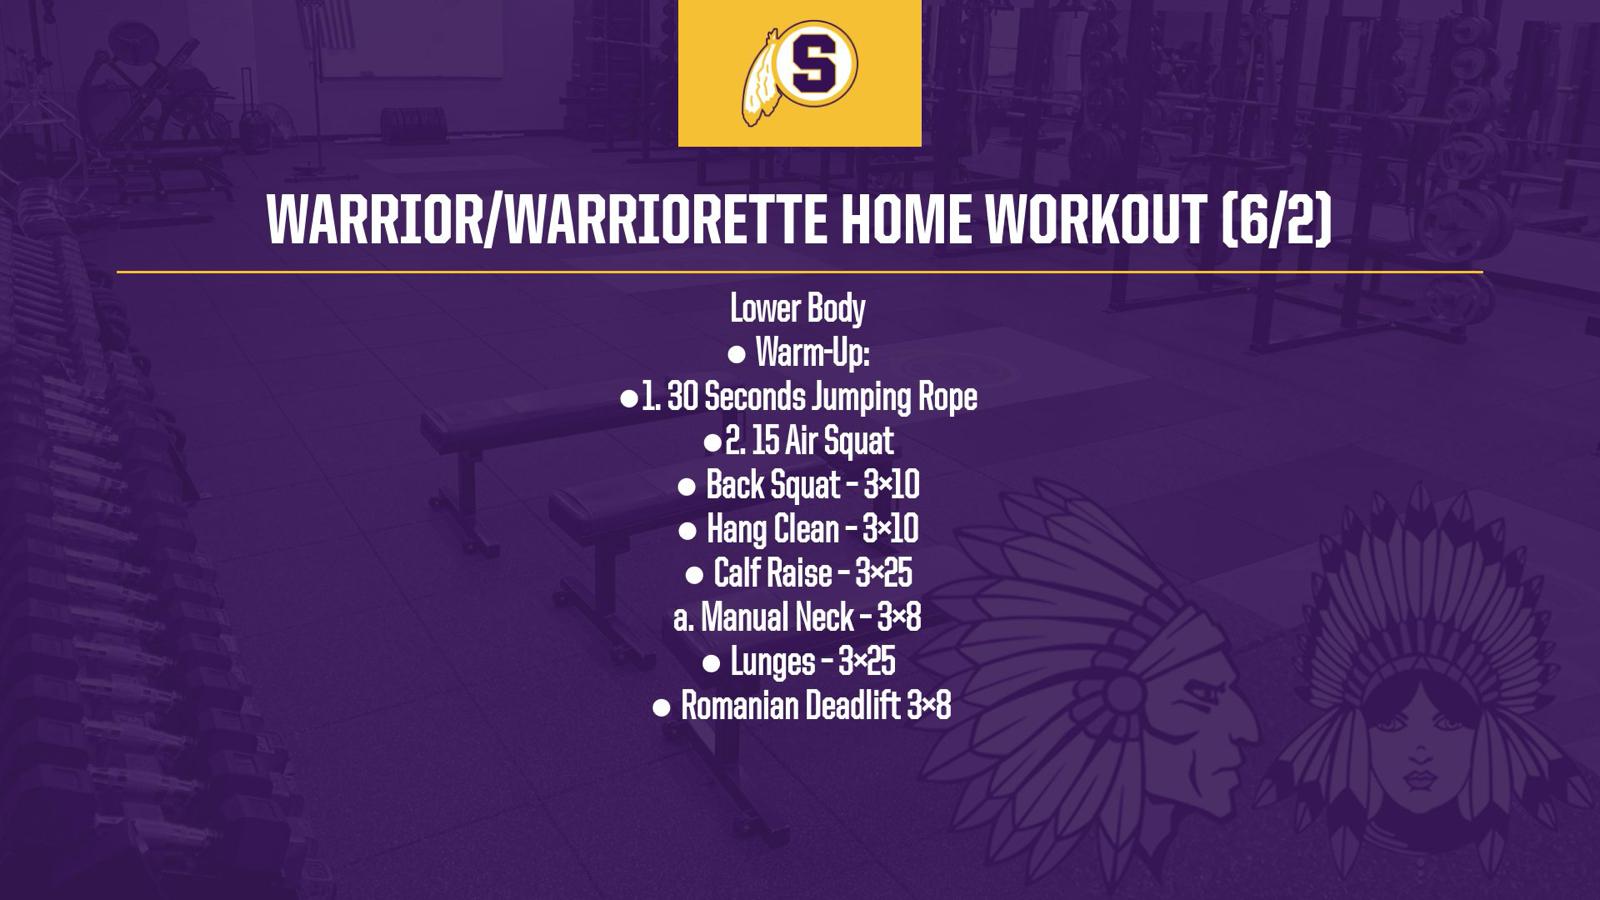 Warrior/Warriorette Home Workout 6/2